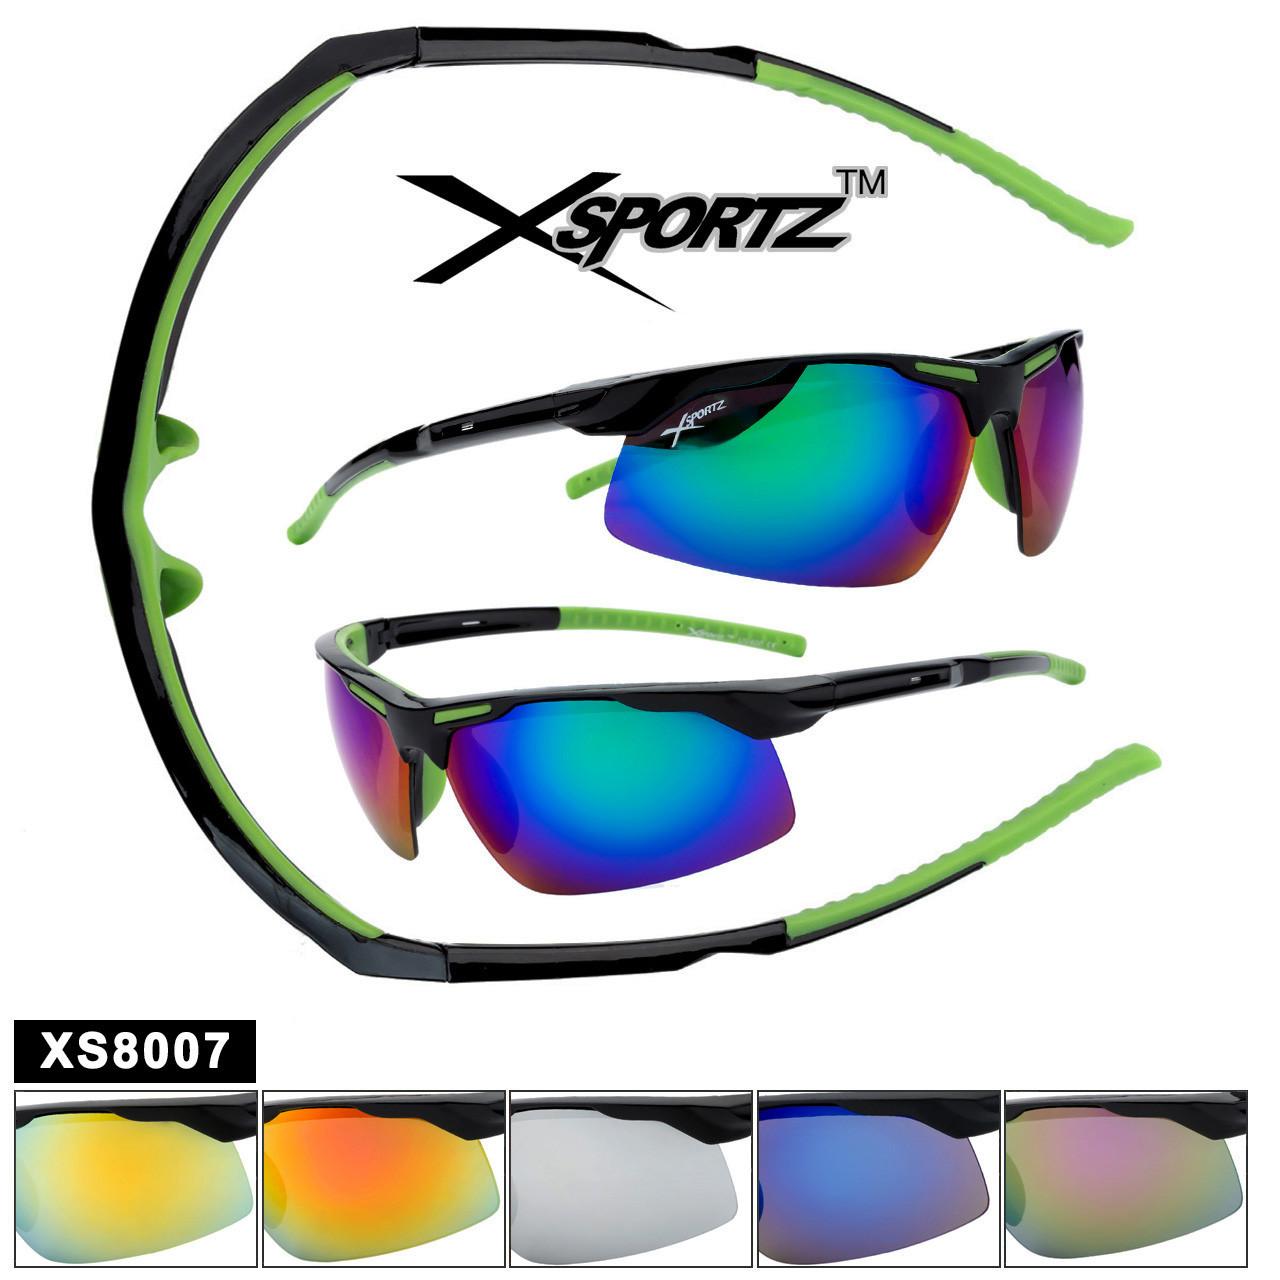 Xsportz™ Wrap-Around Sports Sunglasses XS8007